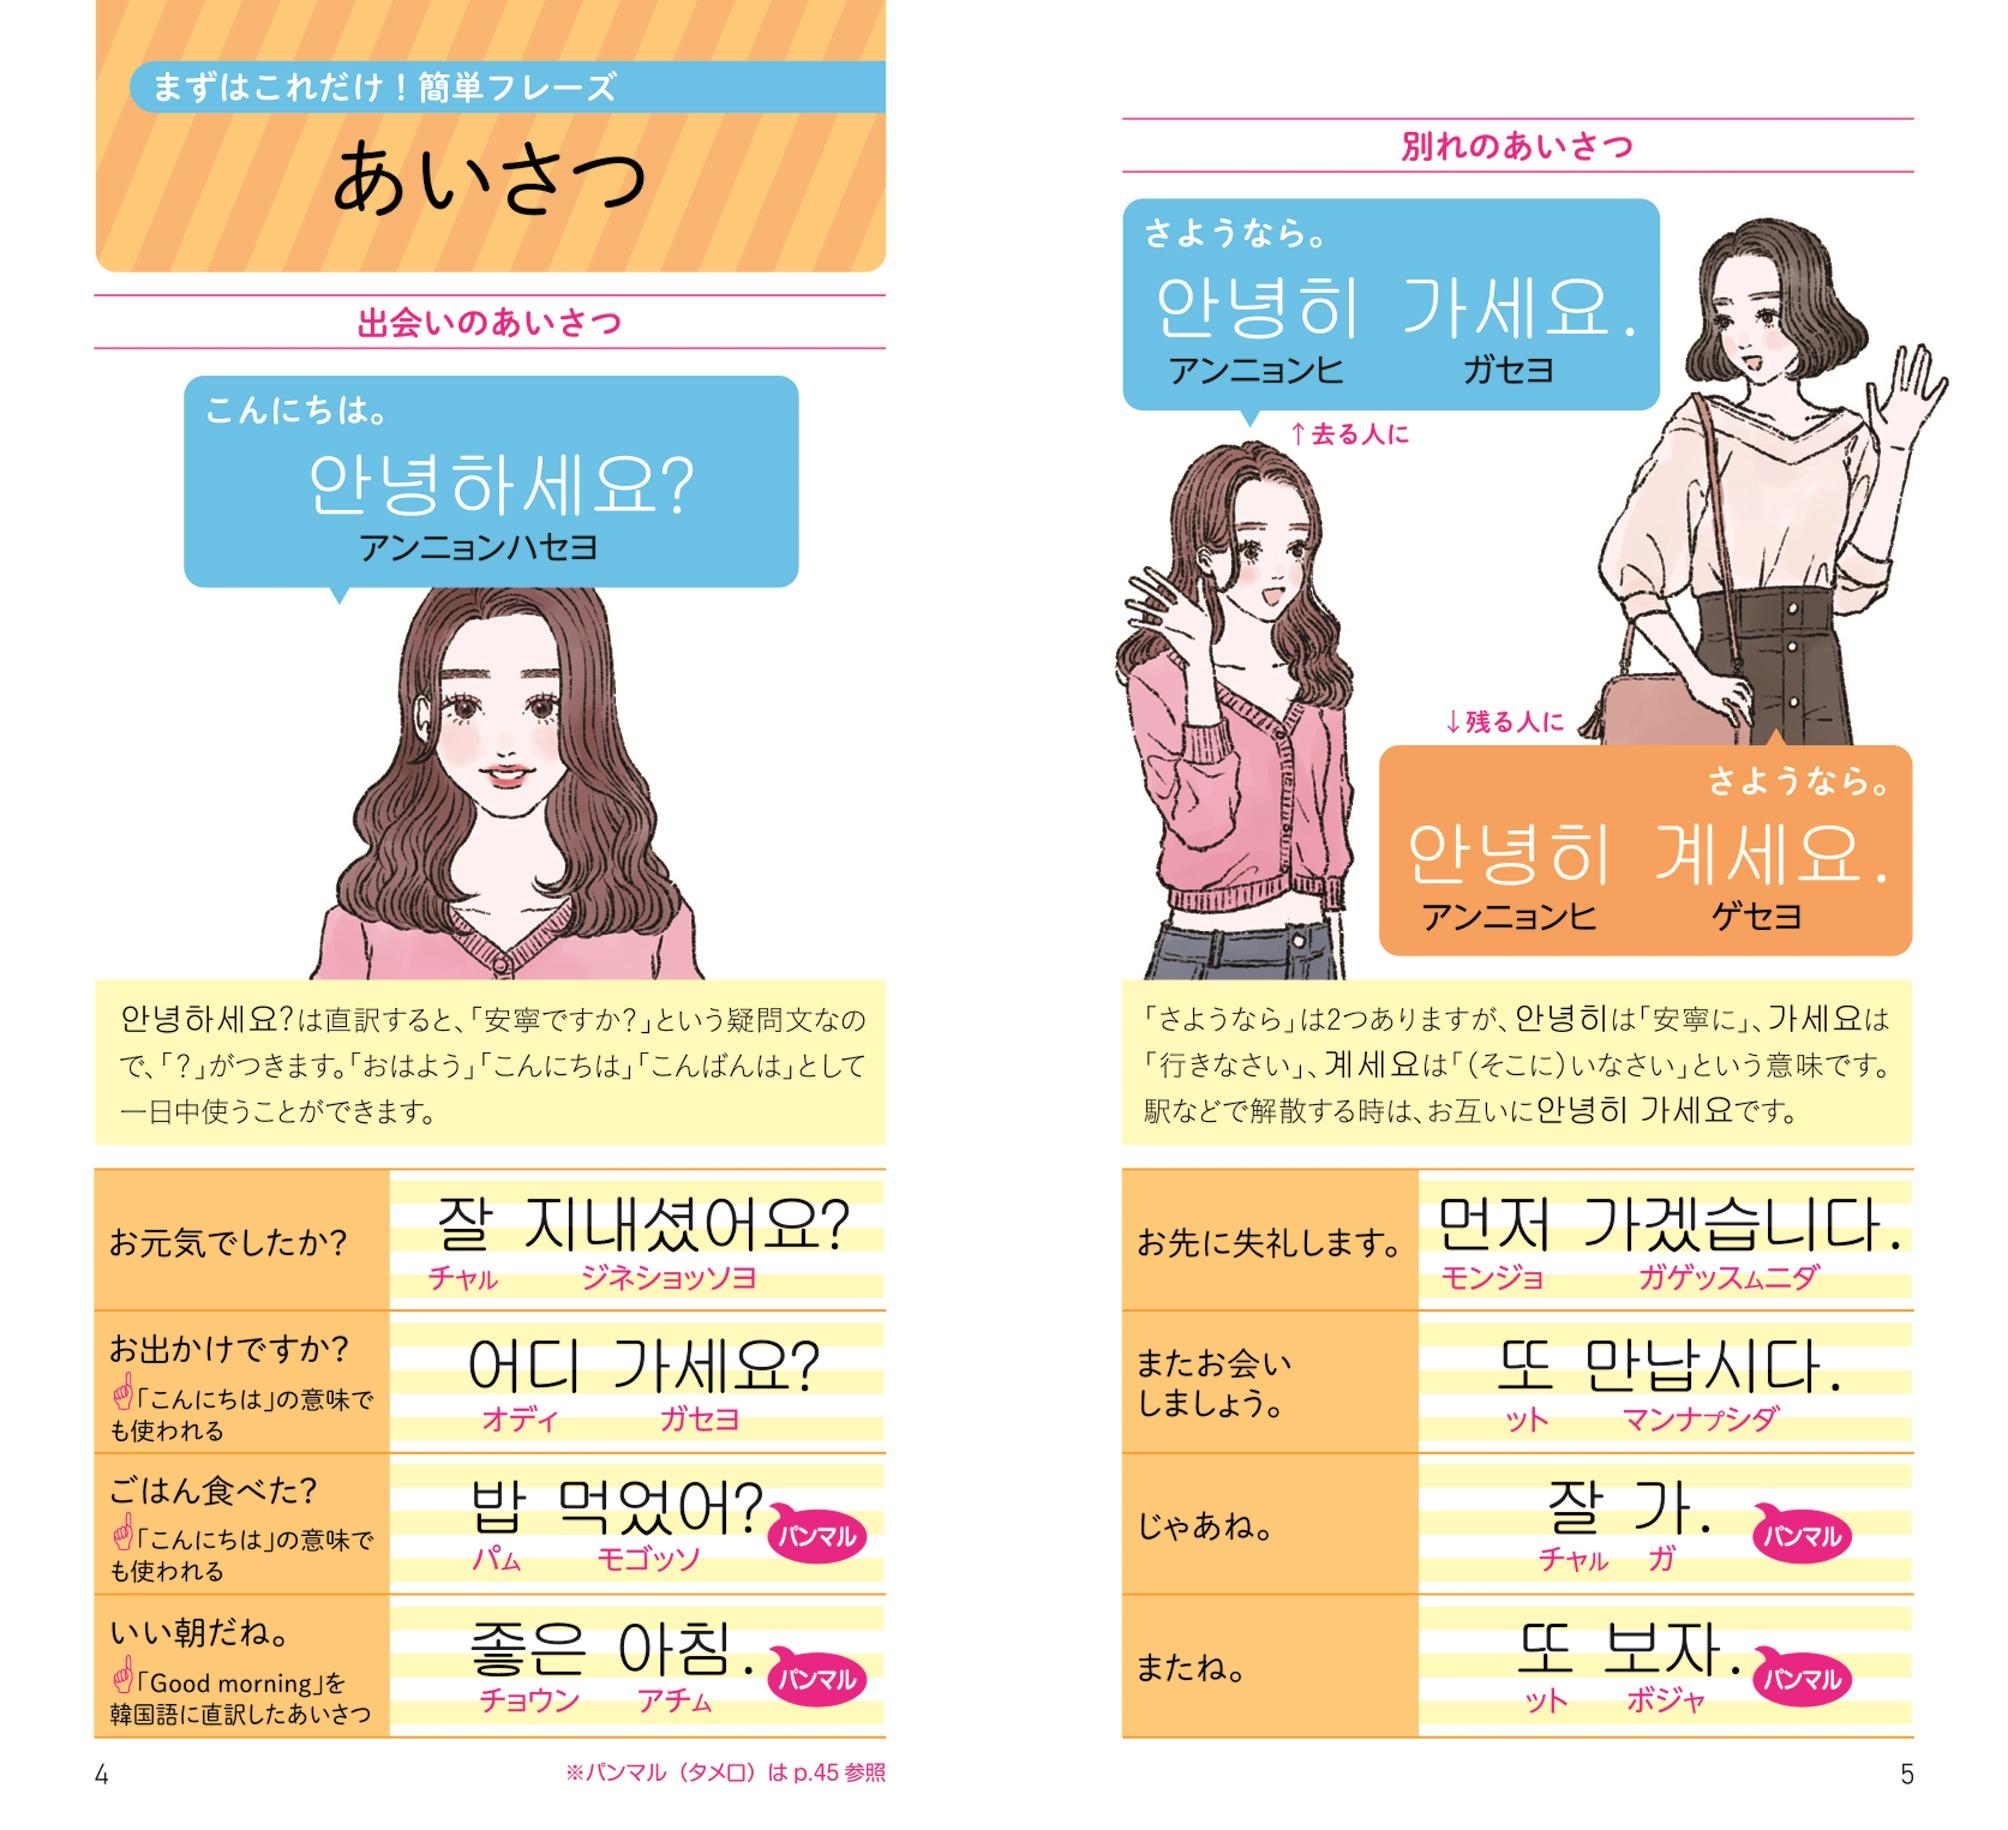 韓国語 kpedia